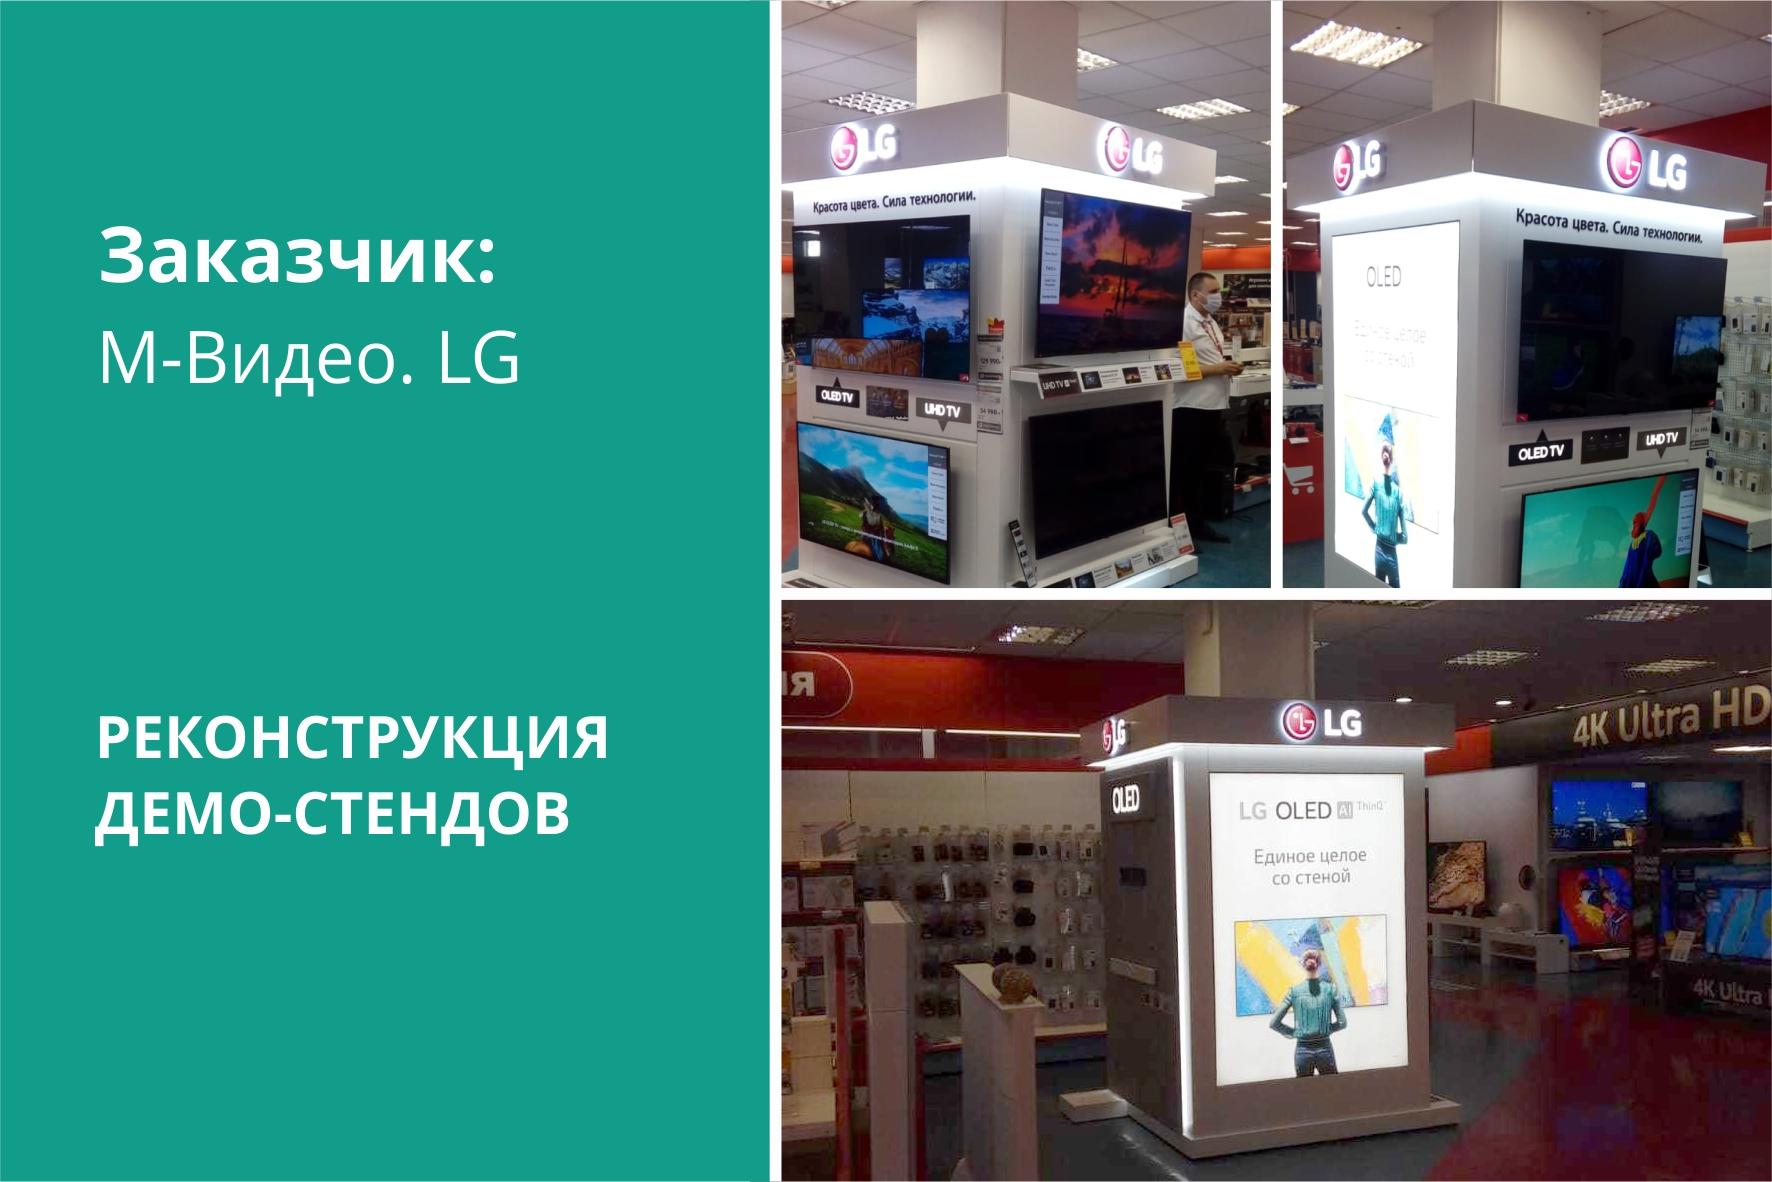 м. видео_ блок новостей